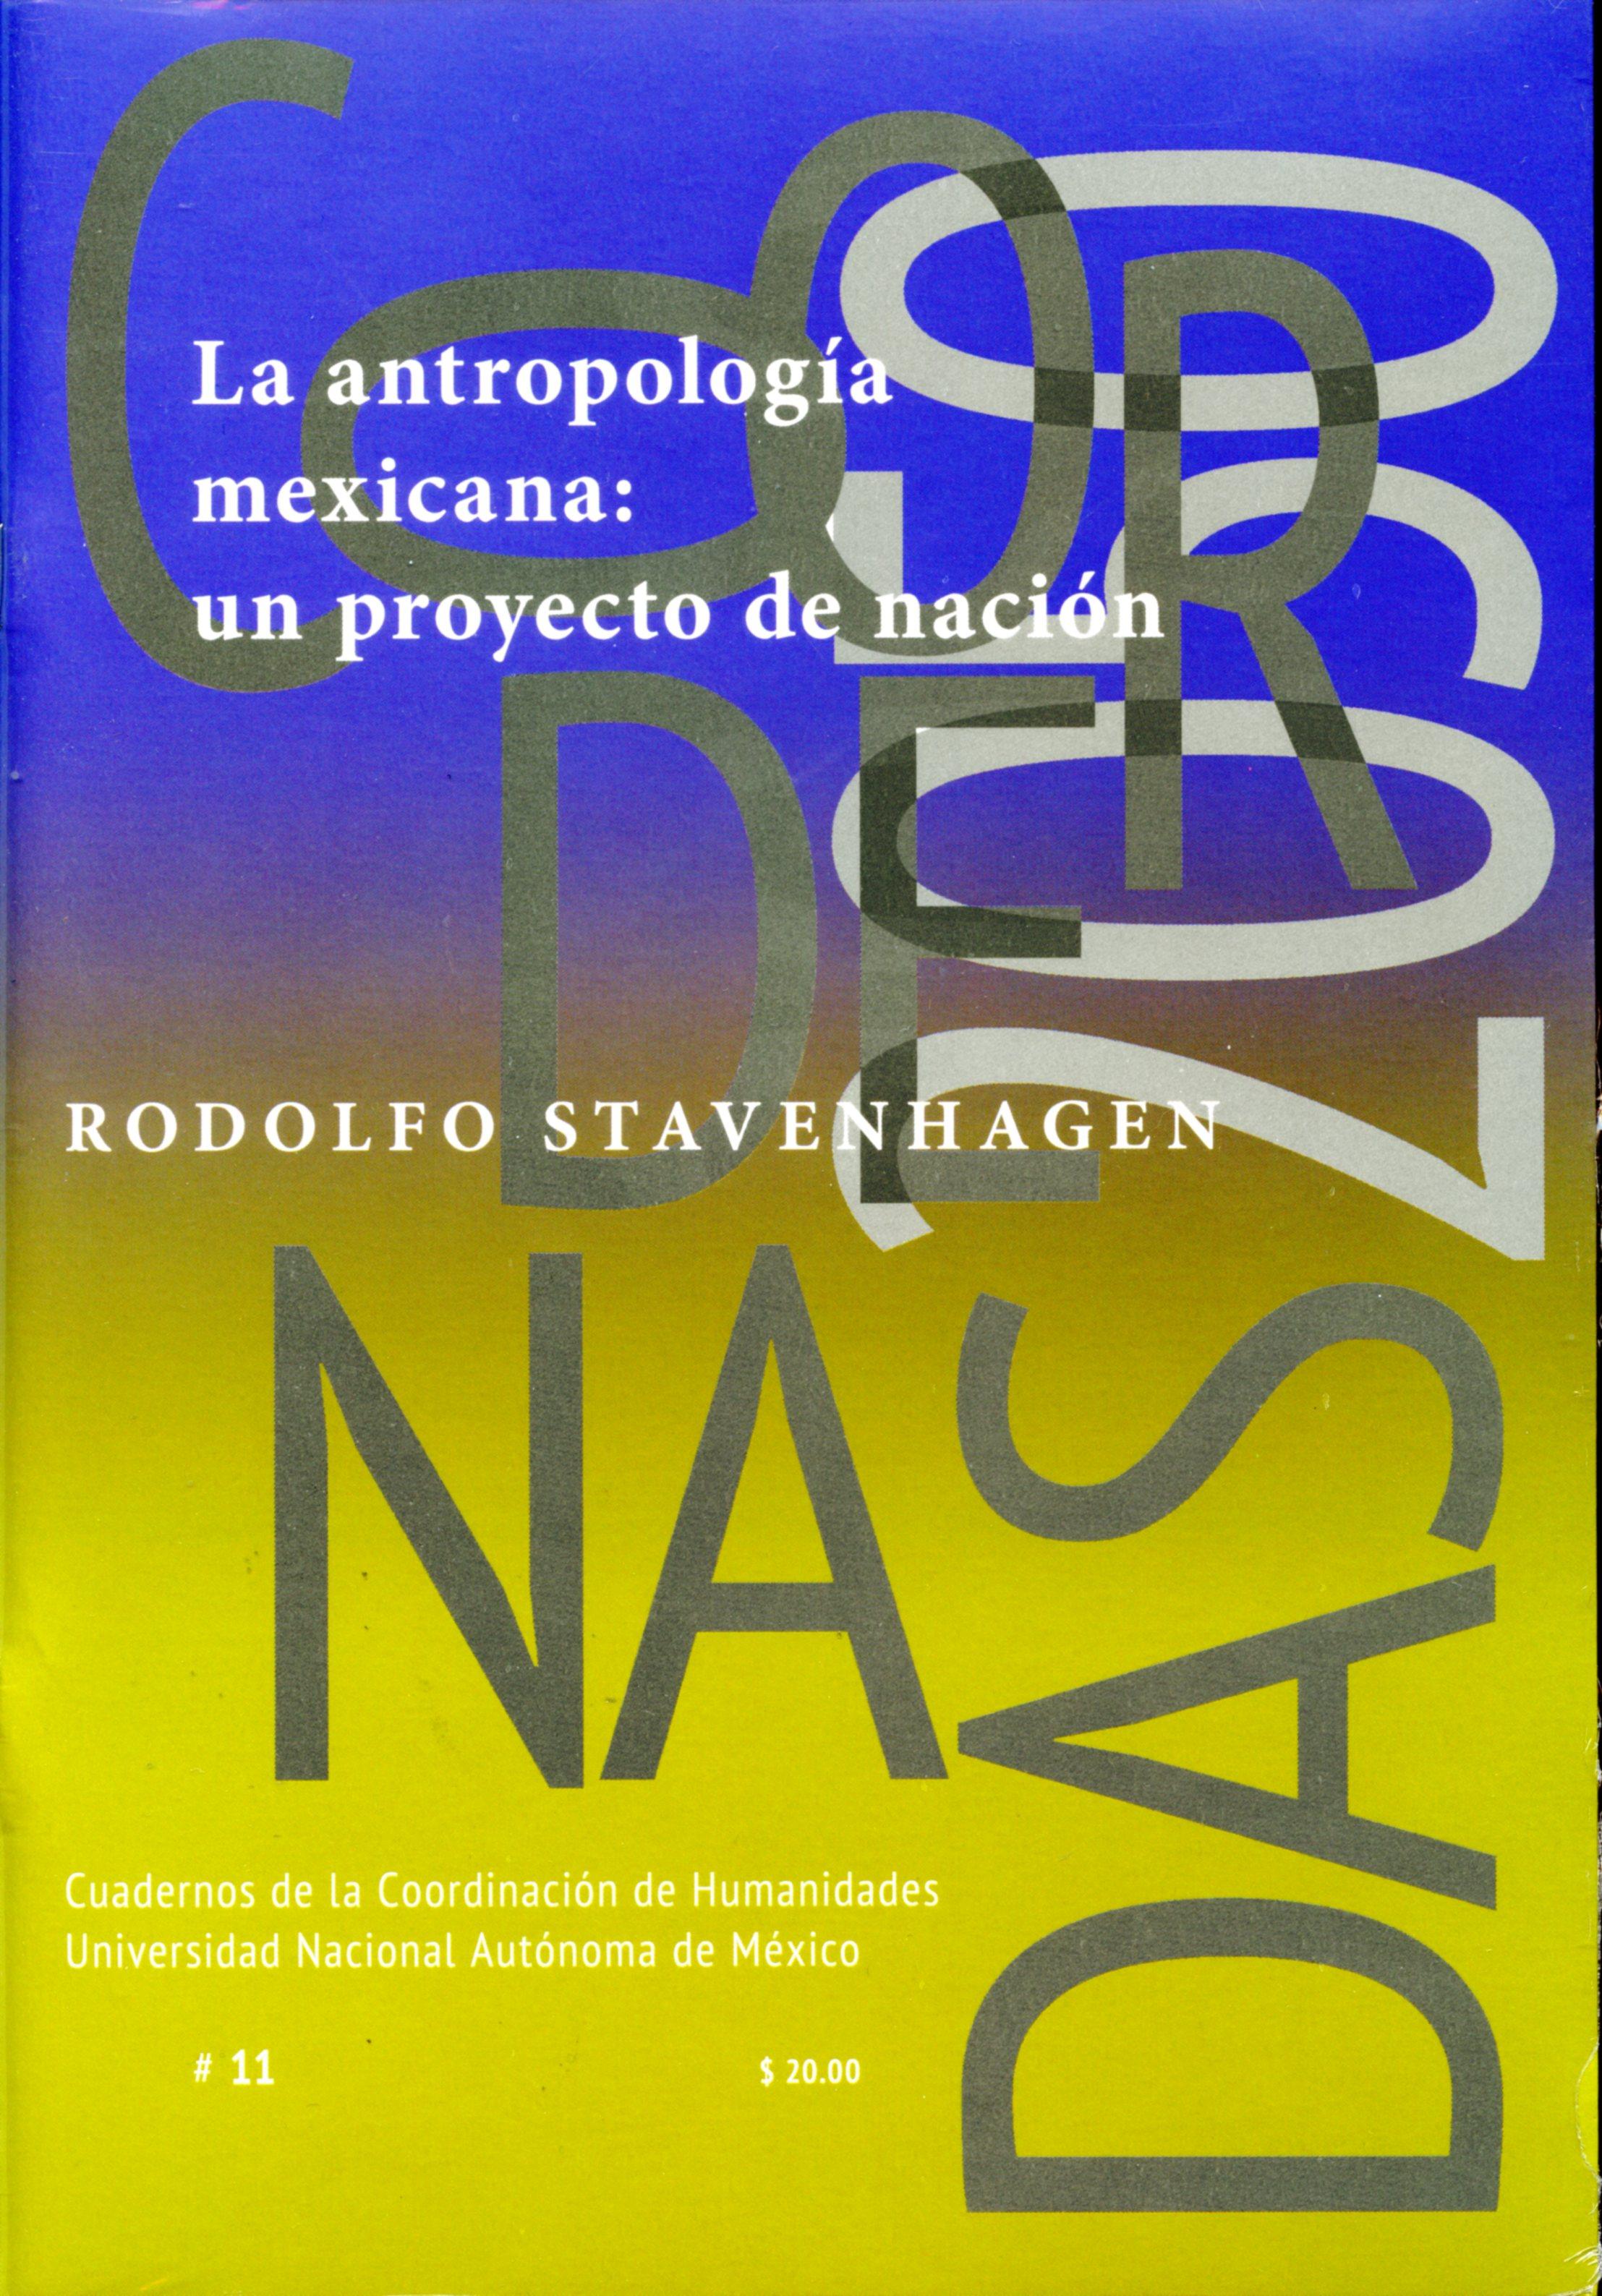 La antropología mexicana: un proyecto de nación